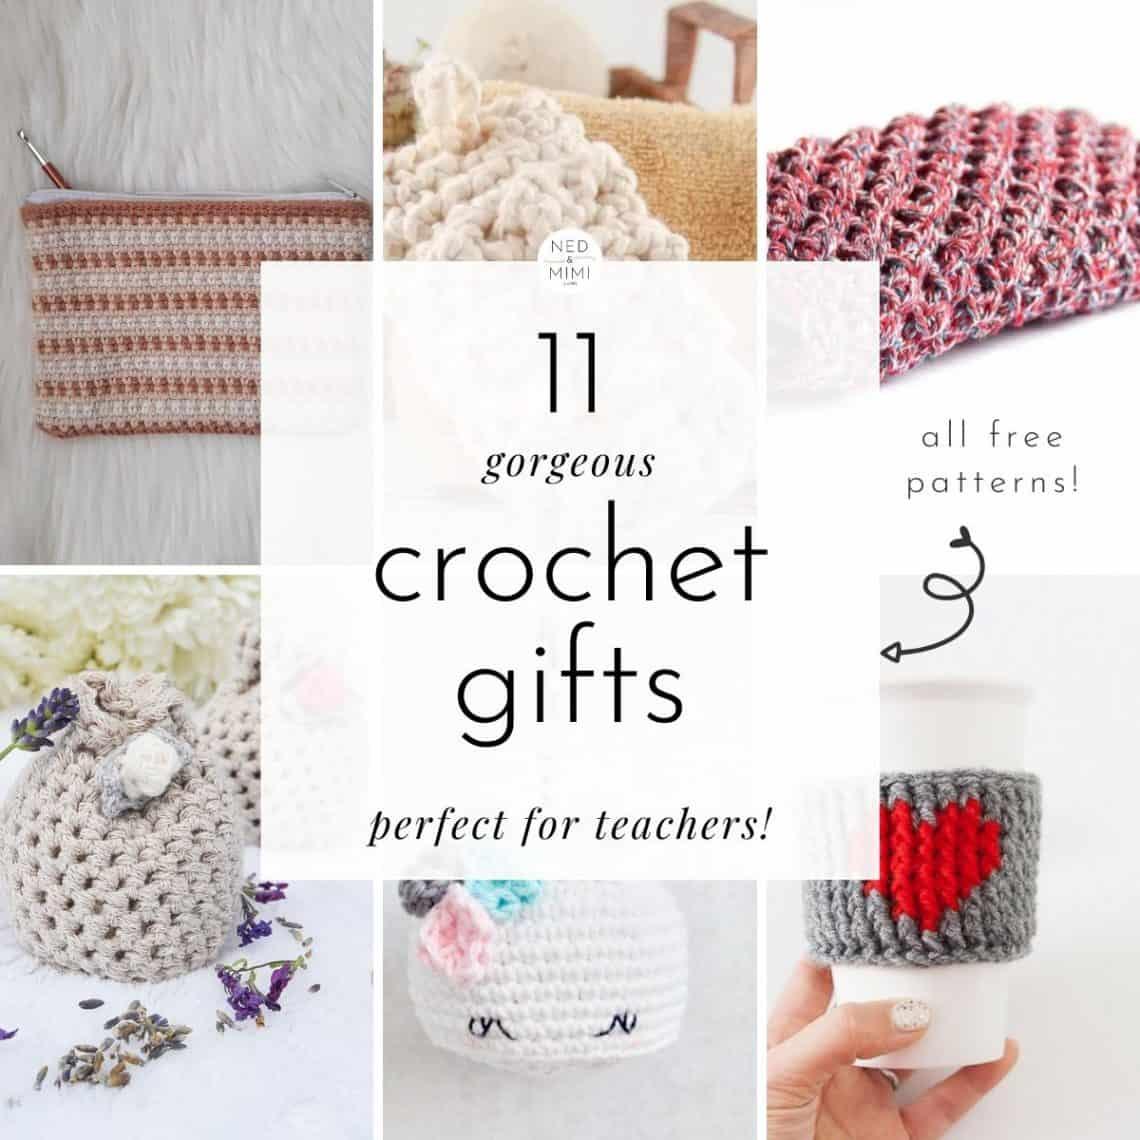 Crochet Gifts for Teachers